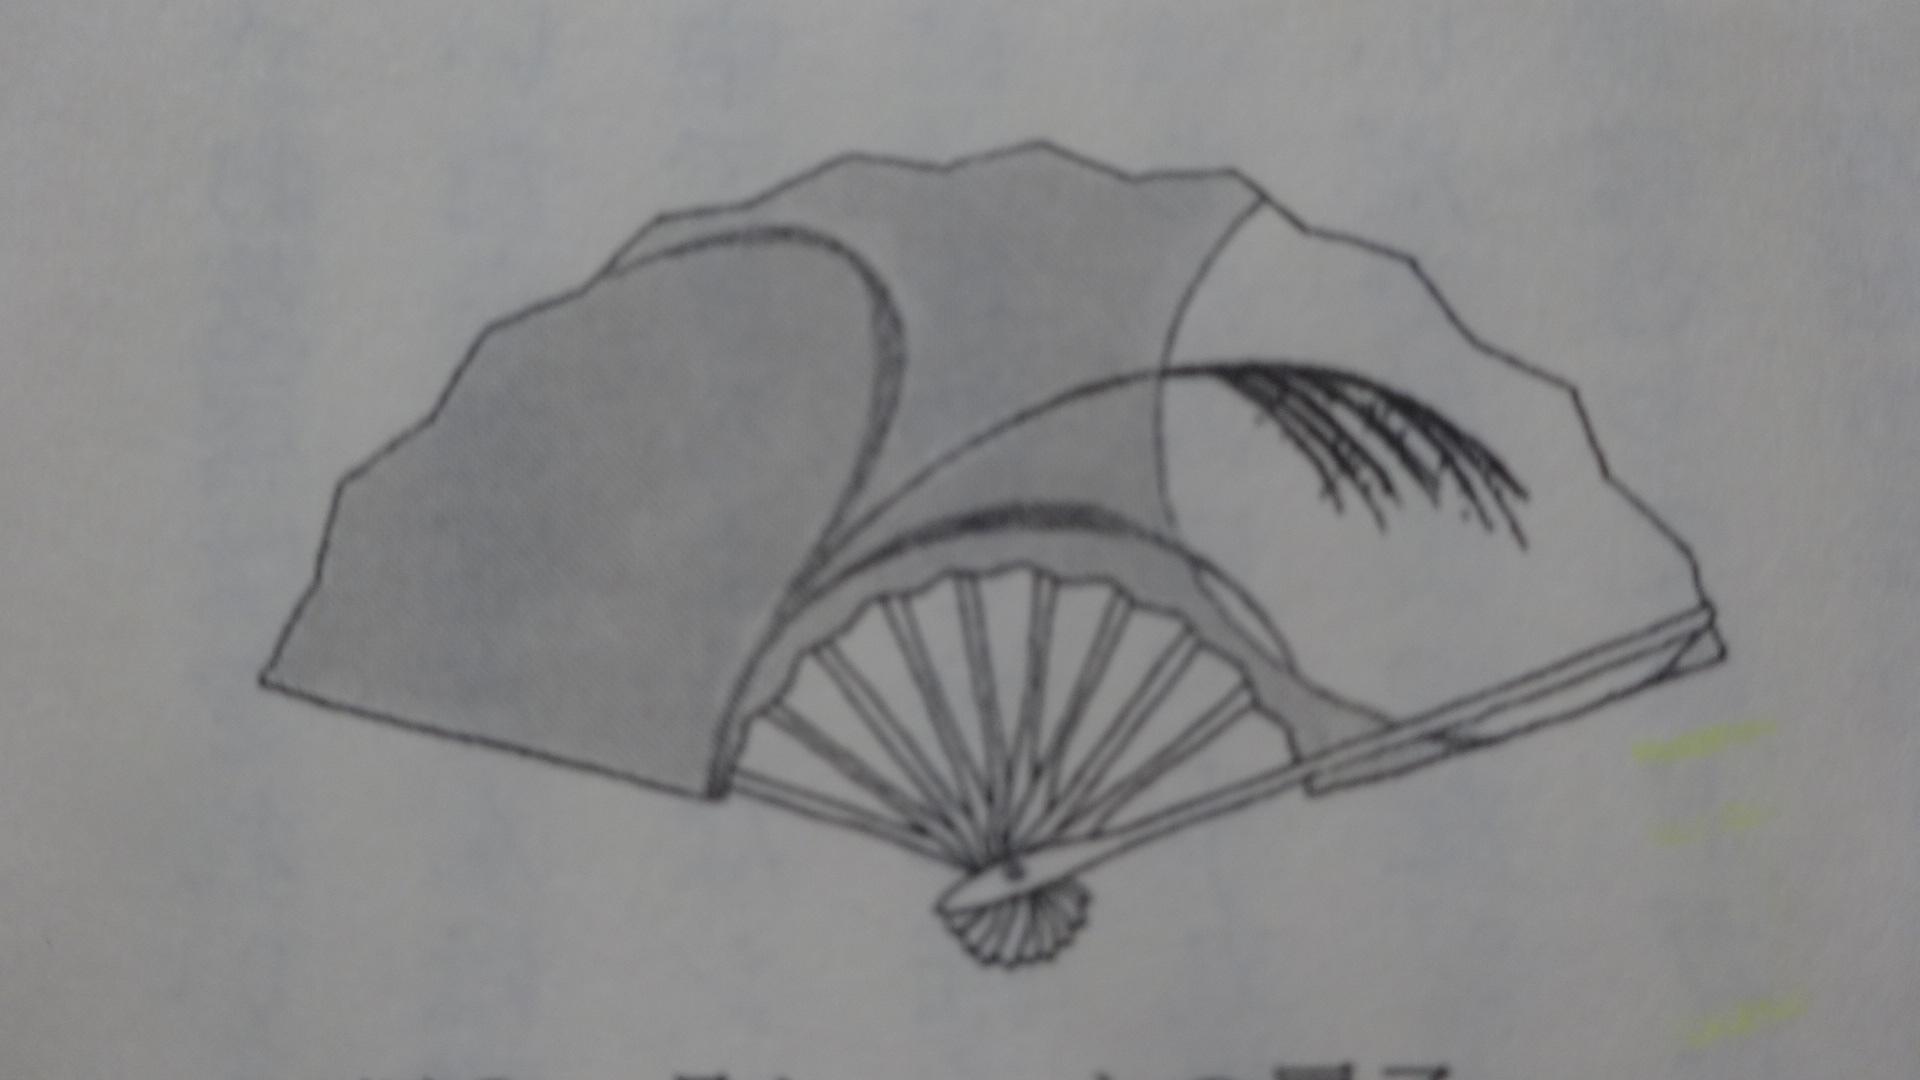 月の一部と稲穂が描かれた扇子